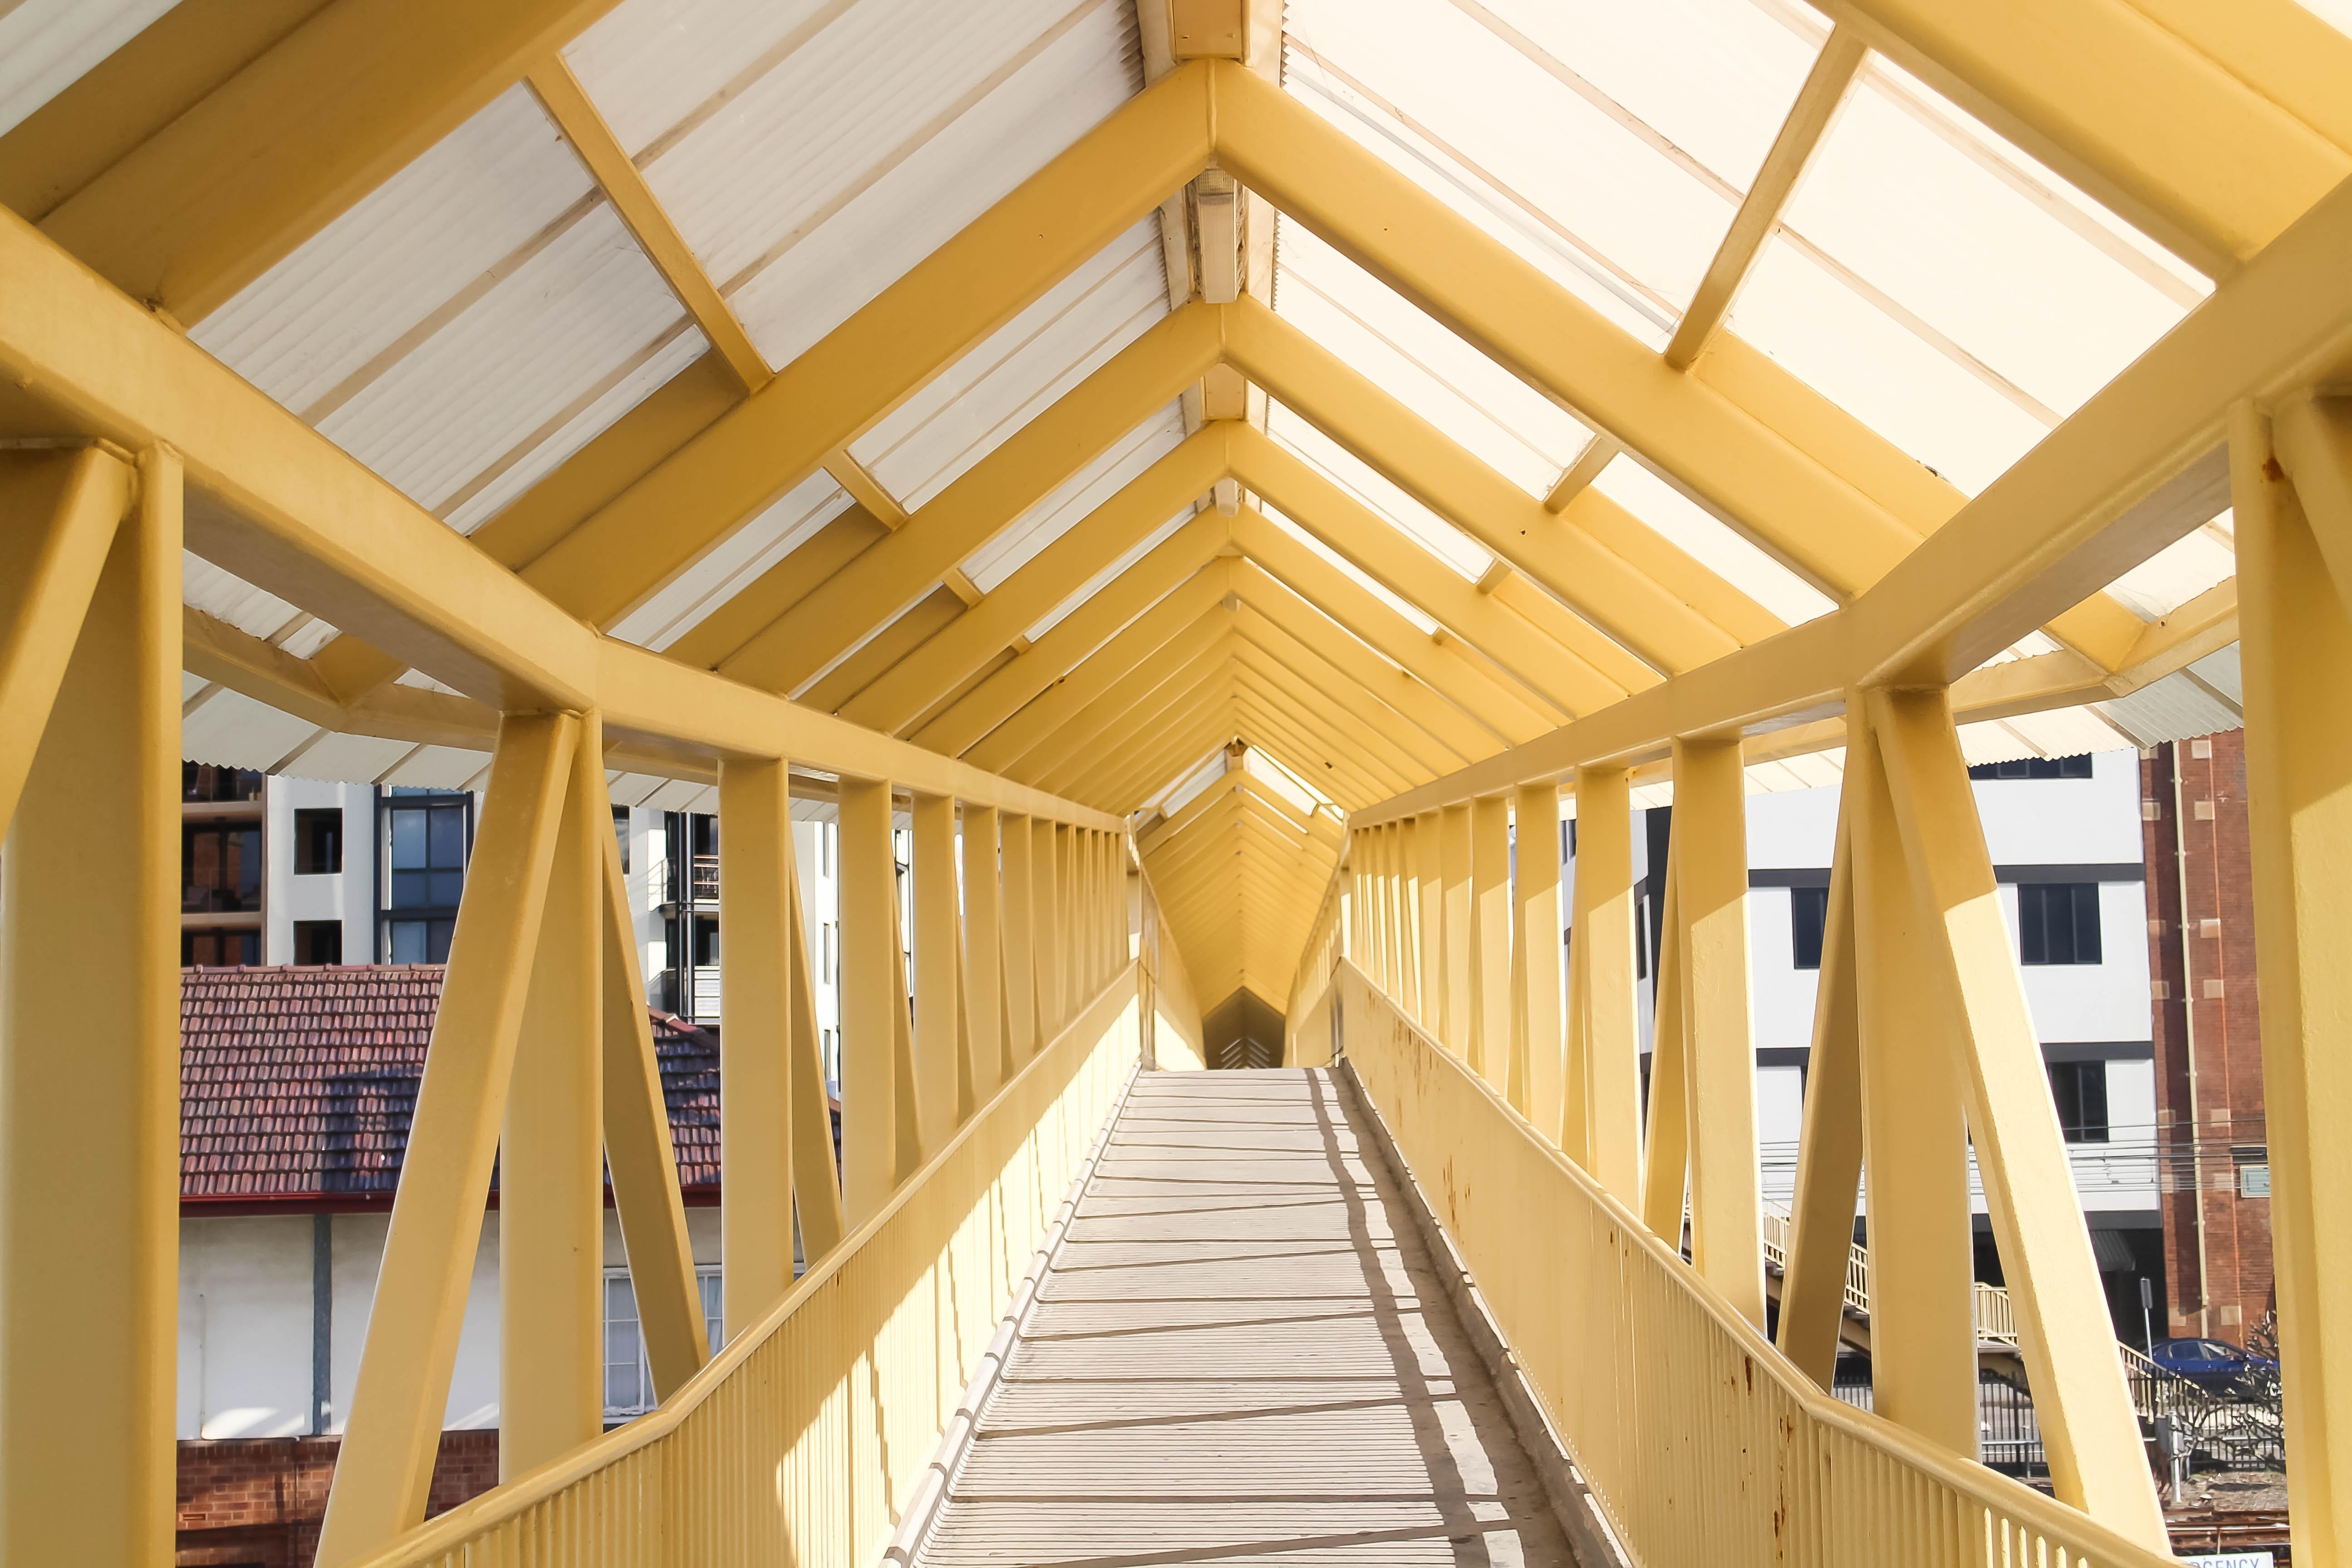 Images Gratuites : architecture, bois, pont, la perspective ...